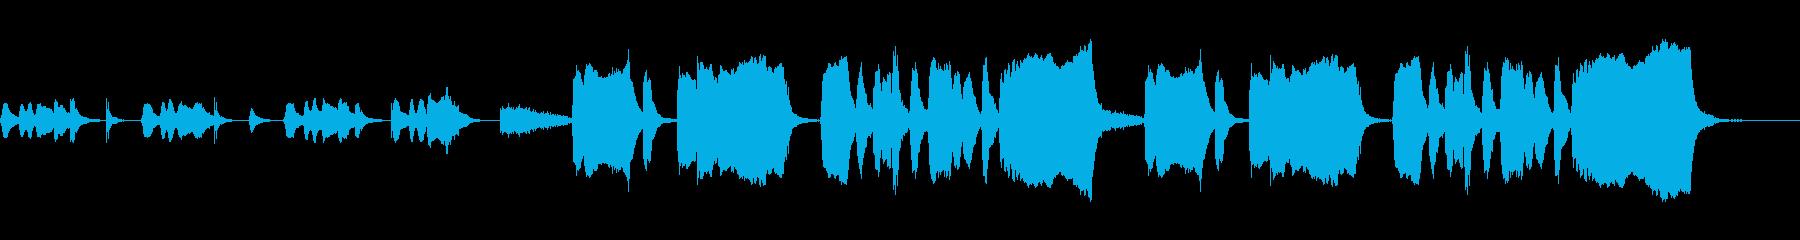 考え中・バスクラリネット・ファゴットの再生済みの波形